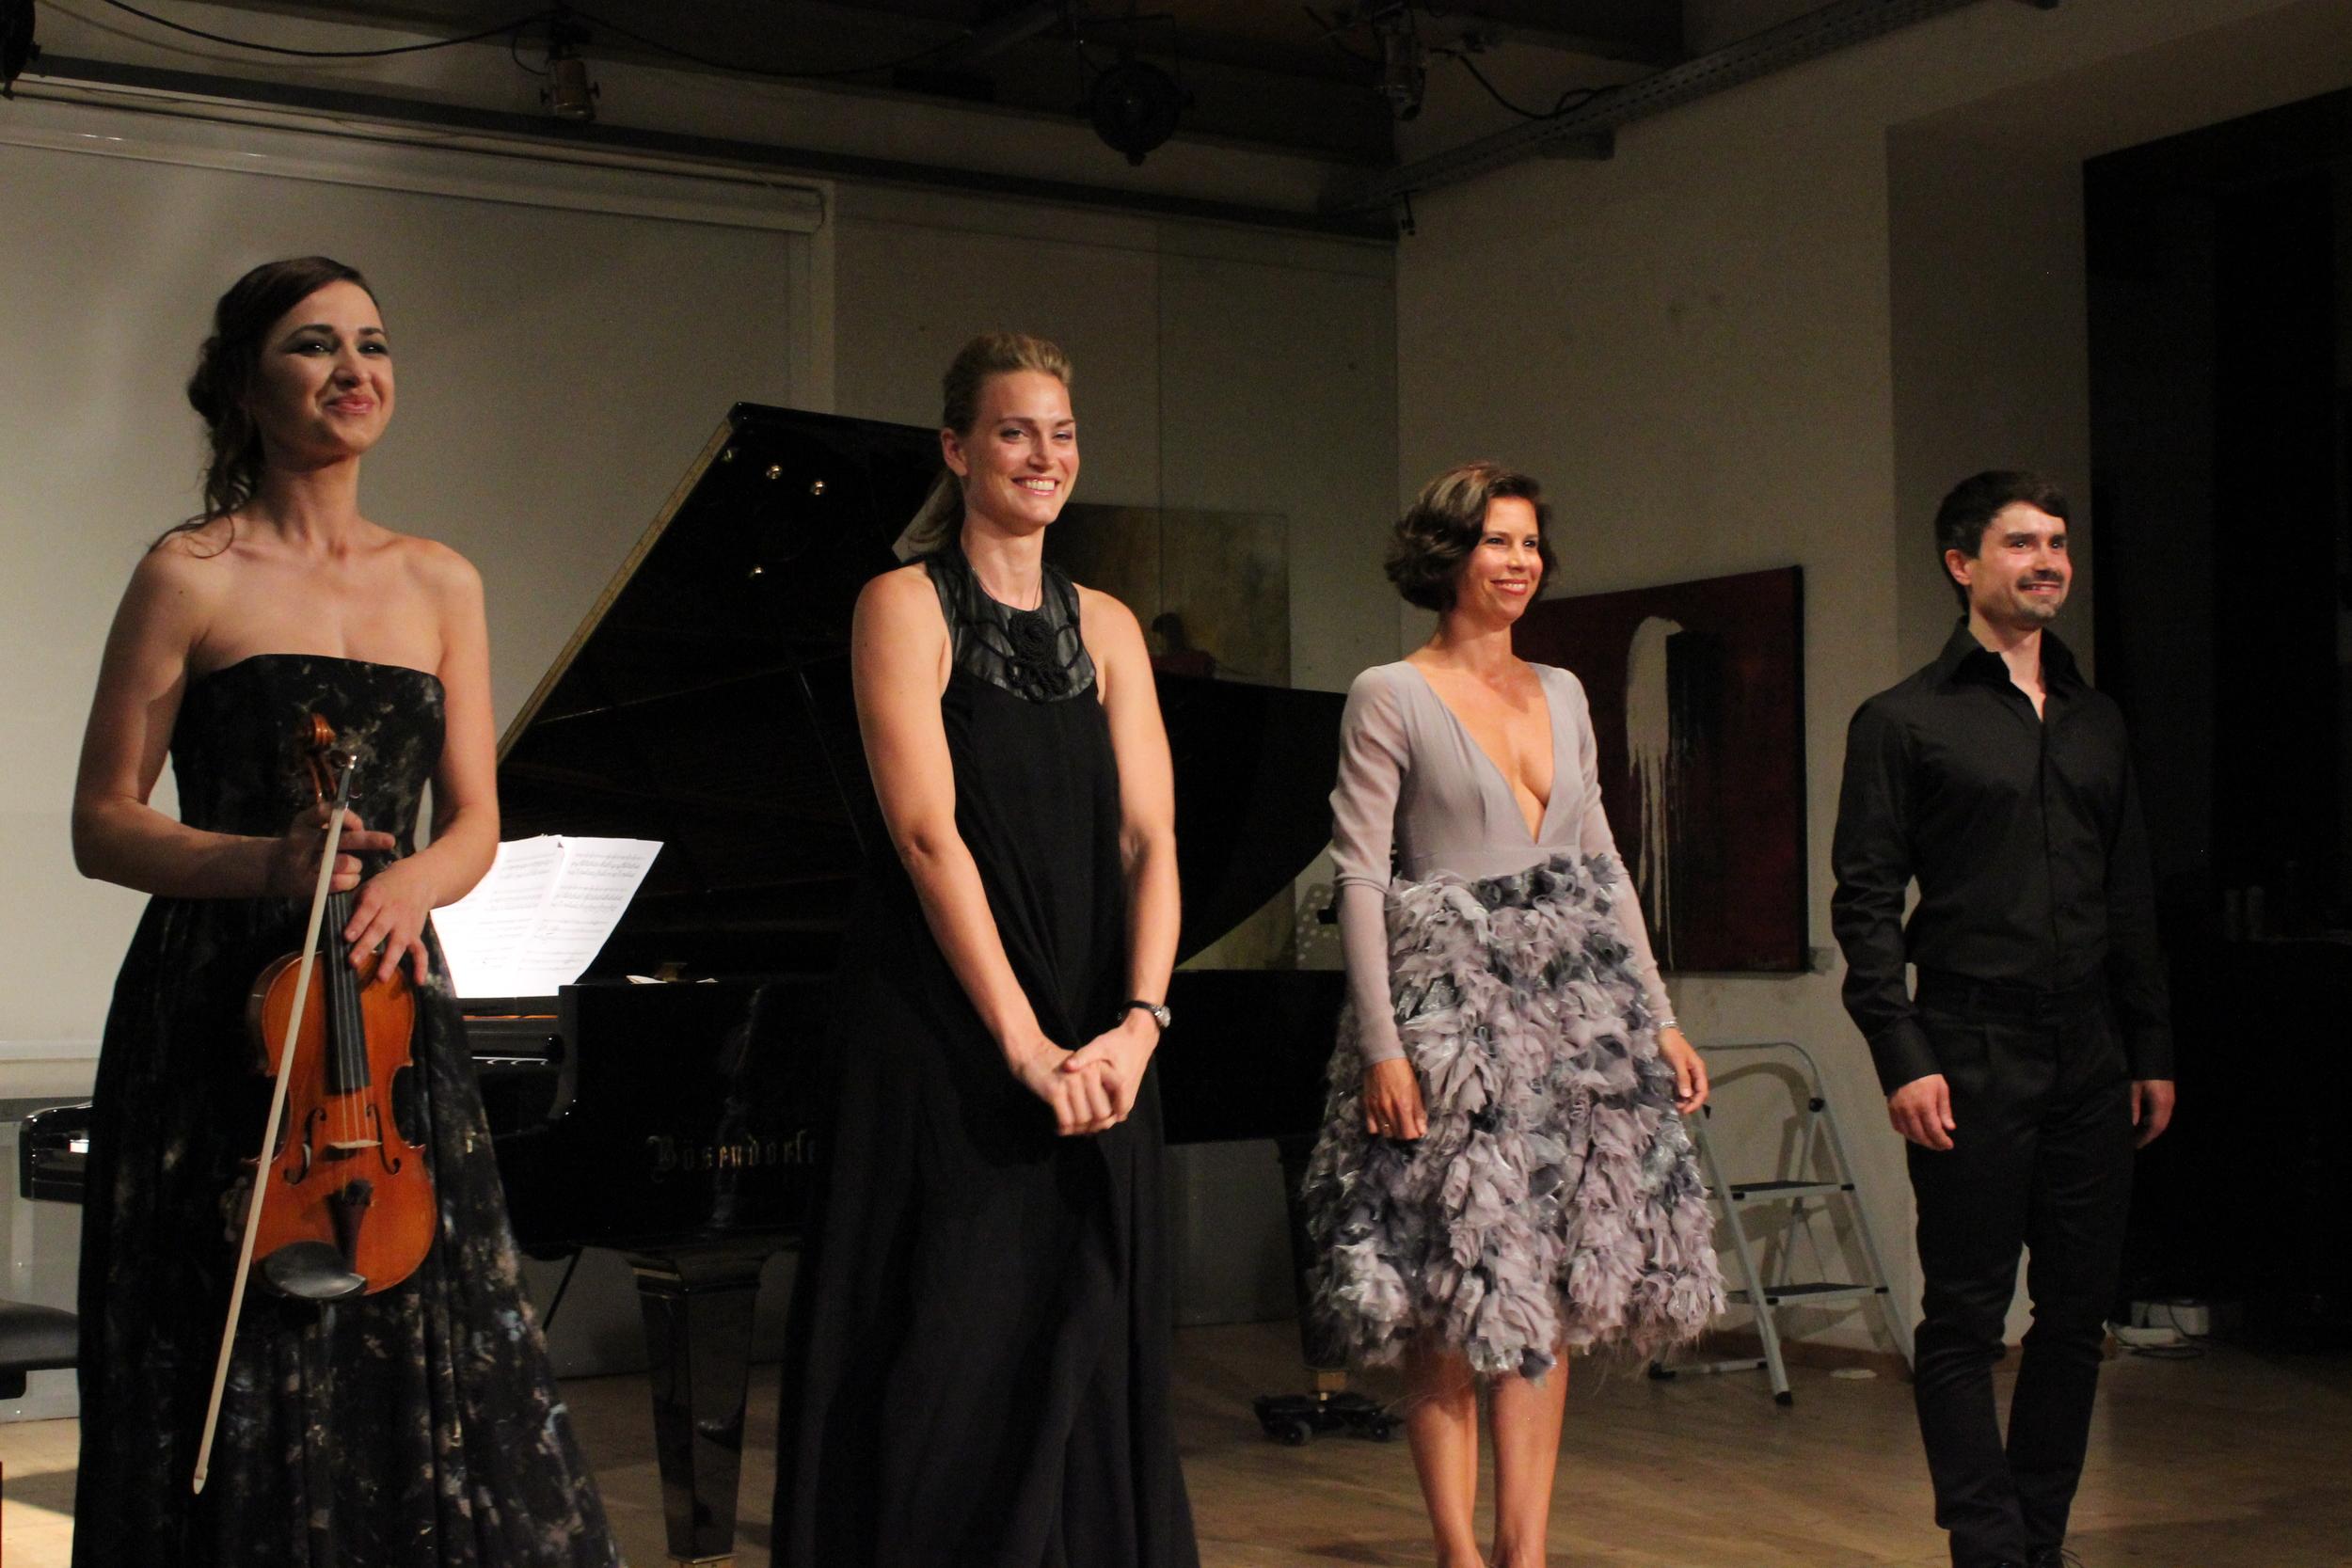 Rusanda Panfili, Chanda VanderHart, Julia Koci and Eric Stokloße